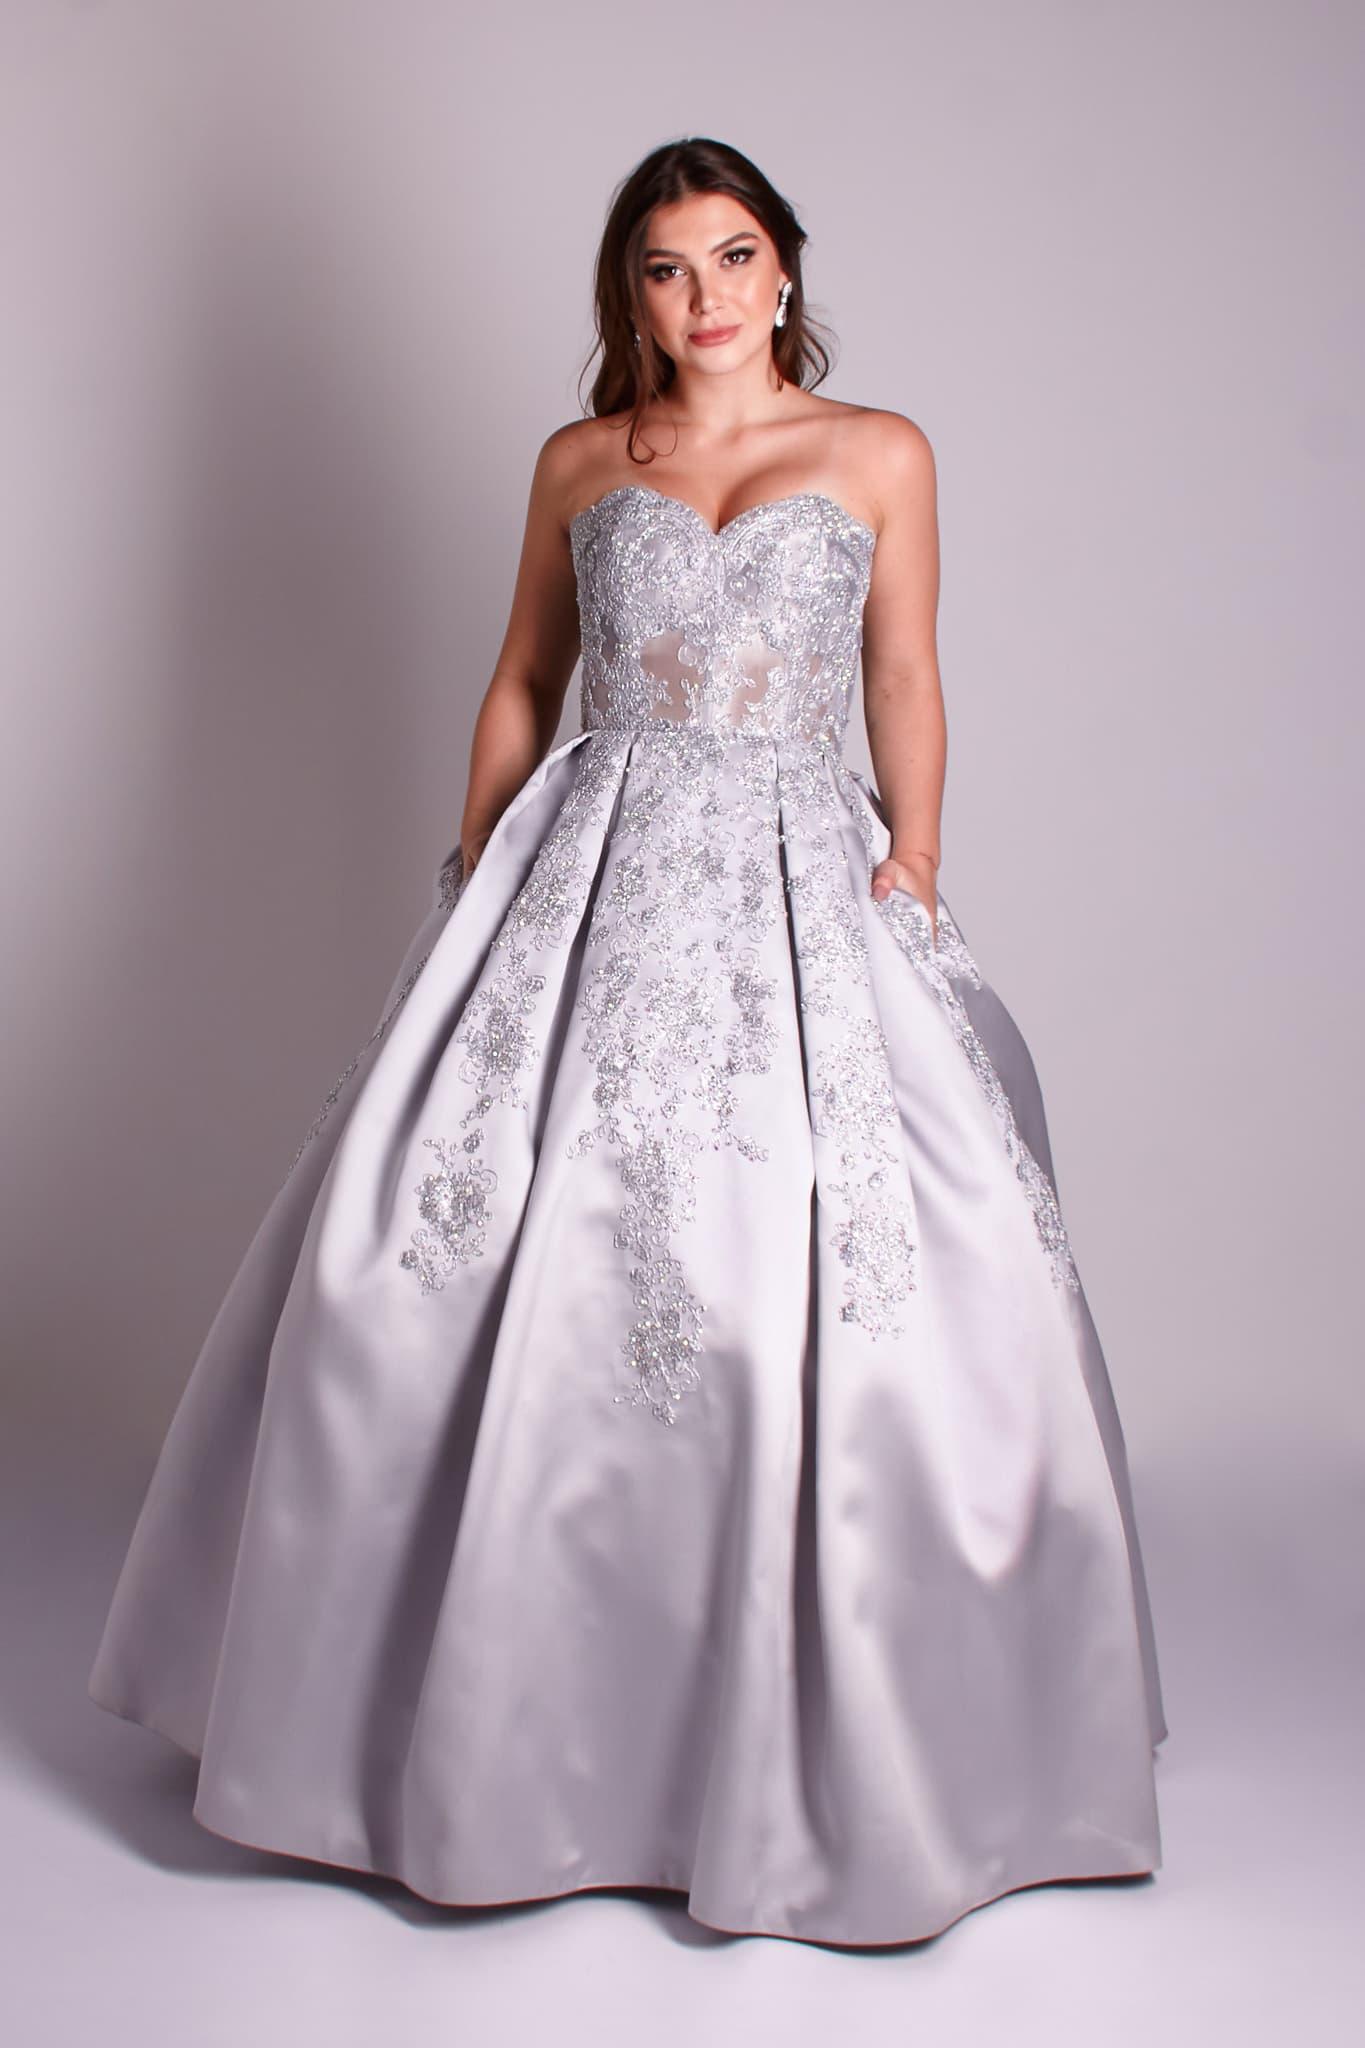 15 - Vestido de valsa feito em renda prata com bolso